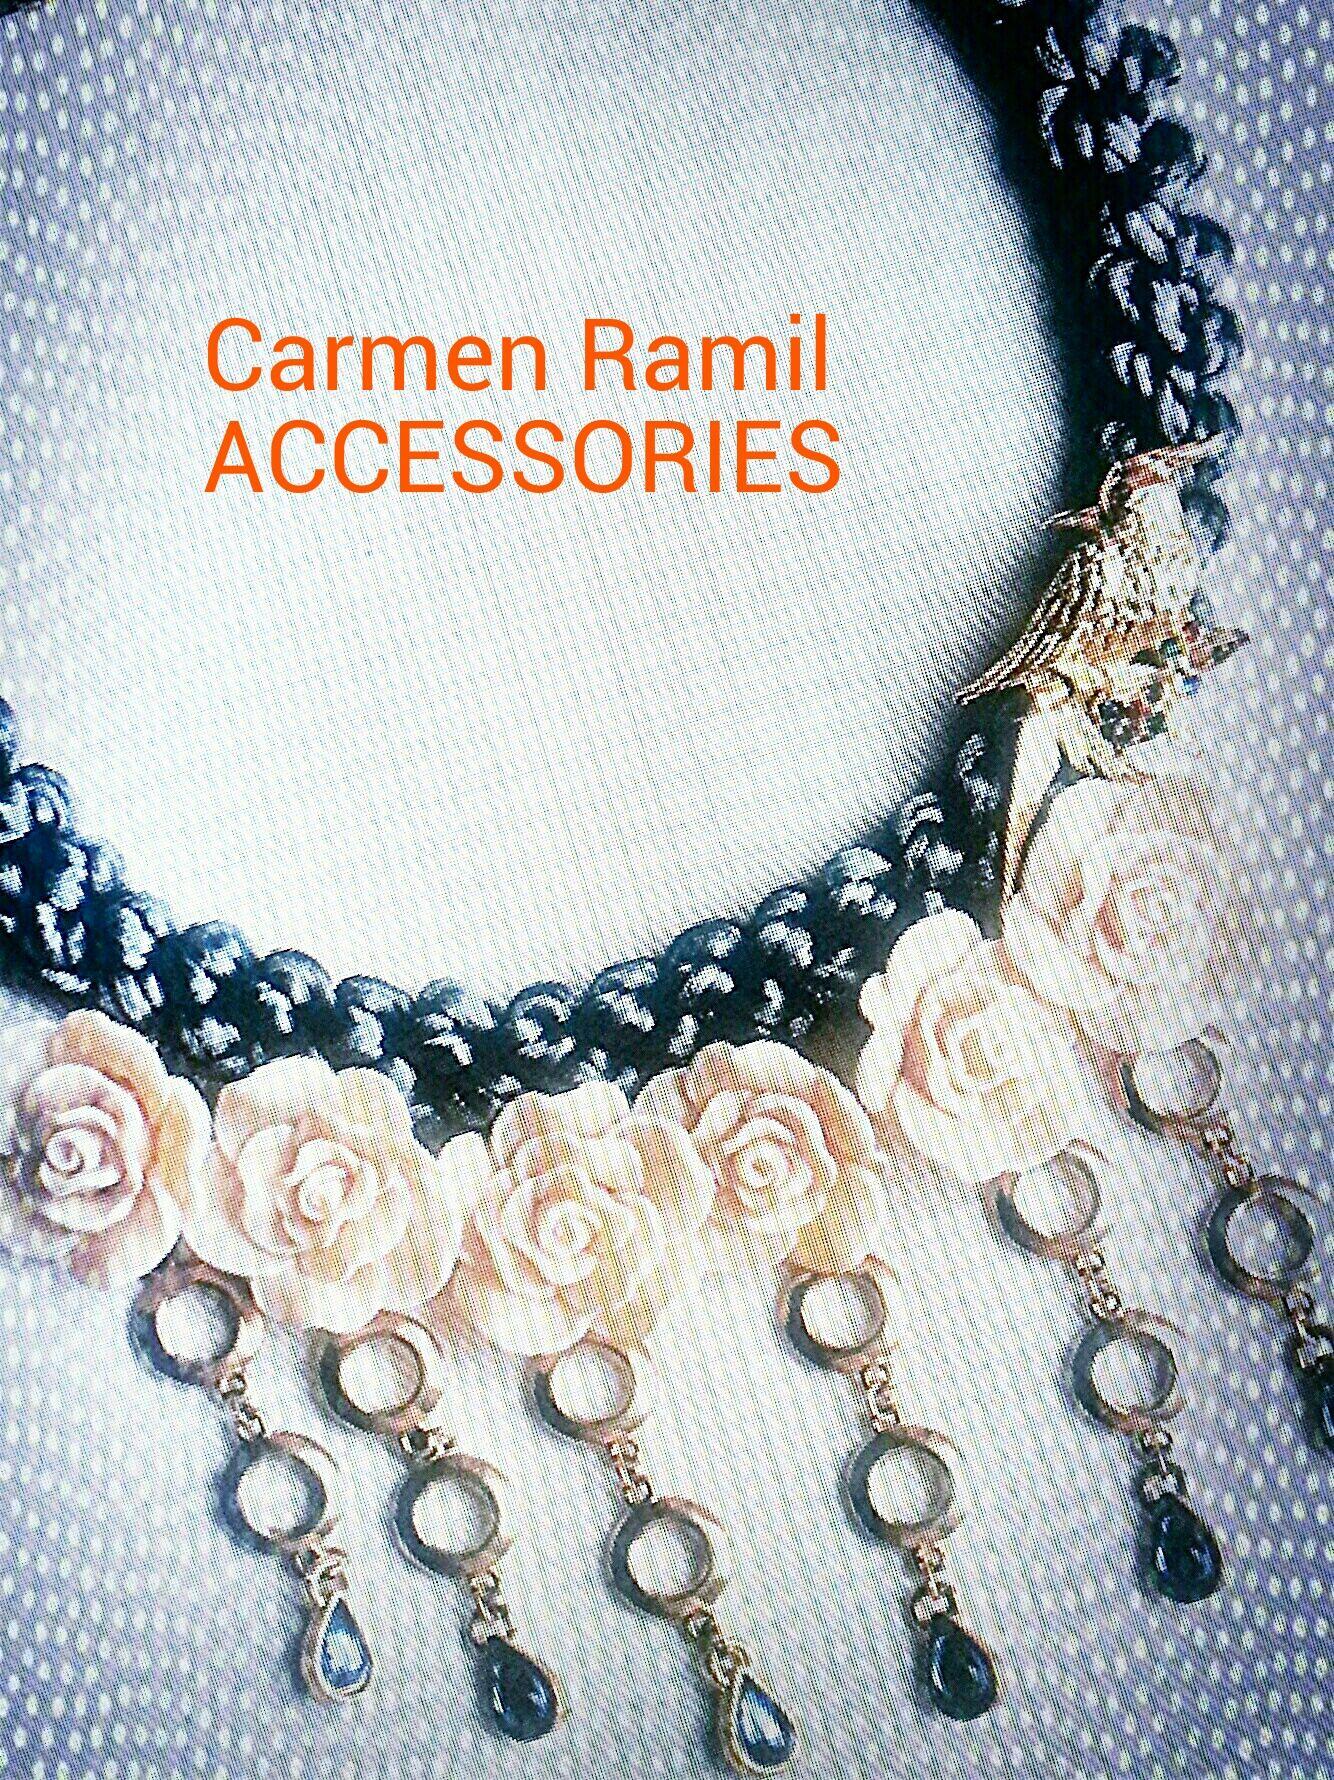 Collar de Carmen Ramil con flores y pájaro